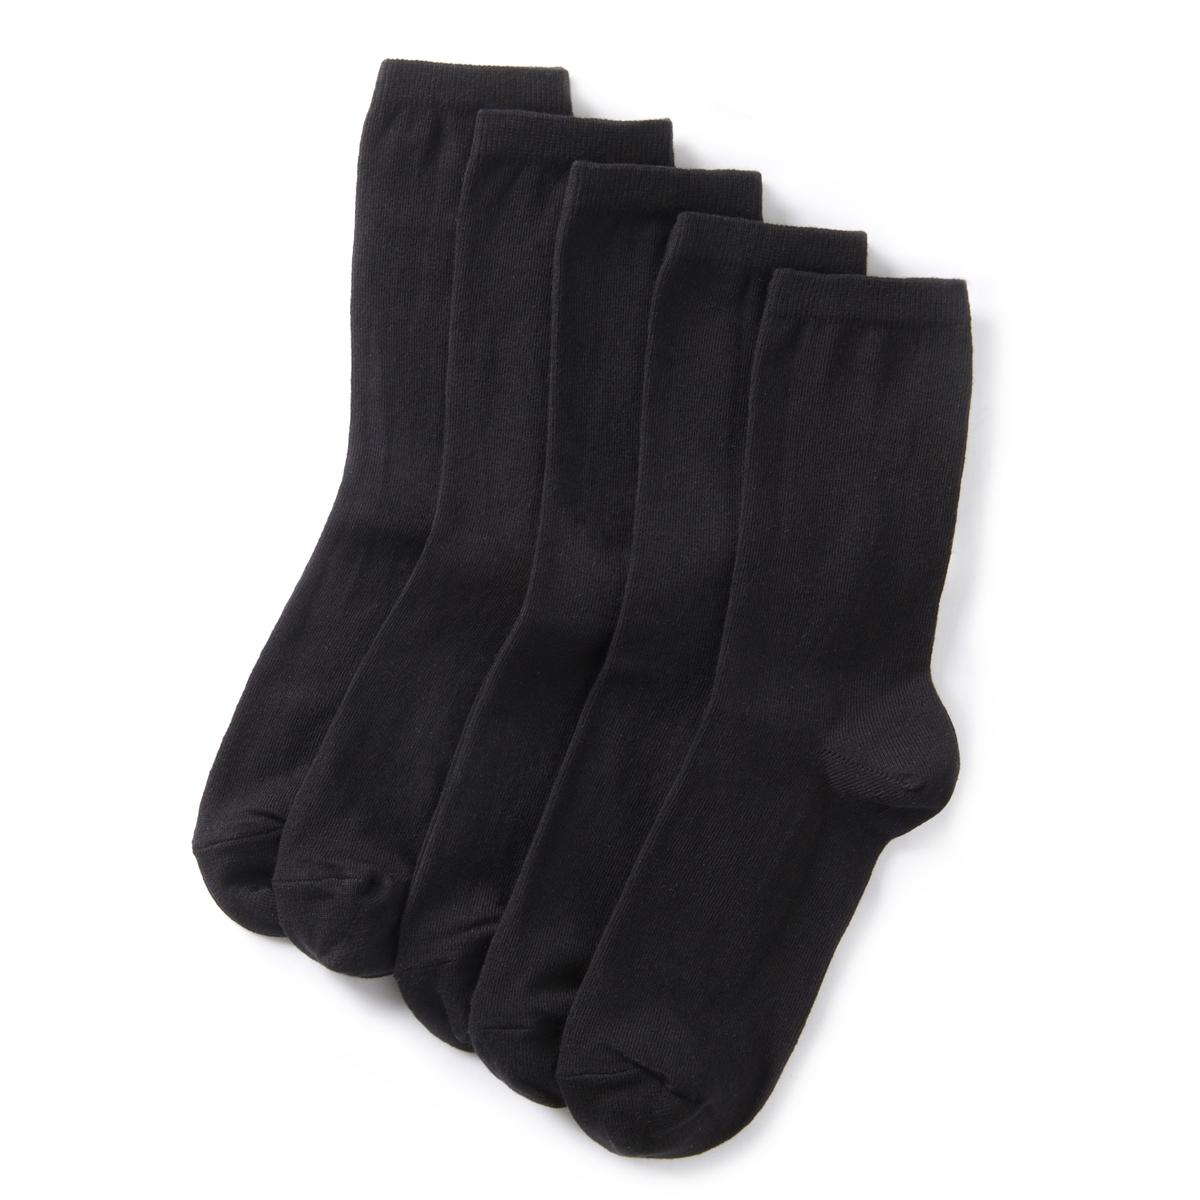 Комплект из 5 пар однотонных коротких носковLa Redoute<br>Комплект из 5 пар однотонных носков  . До середины голени .Детали •  5 пар однотонных носков .Характеристики   •  До середины голени.Состав и уход •  76% хлопка, 23% полиамида, 1% эластана  •  Машинная стирка при 30°, на умеренном режиме  •  Стирать с вещами подобного цвета<br><br>Цвет: черный